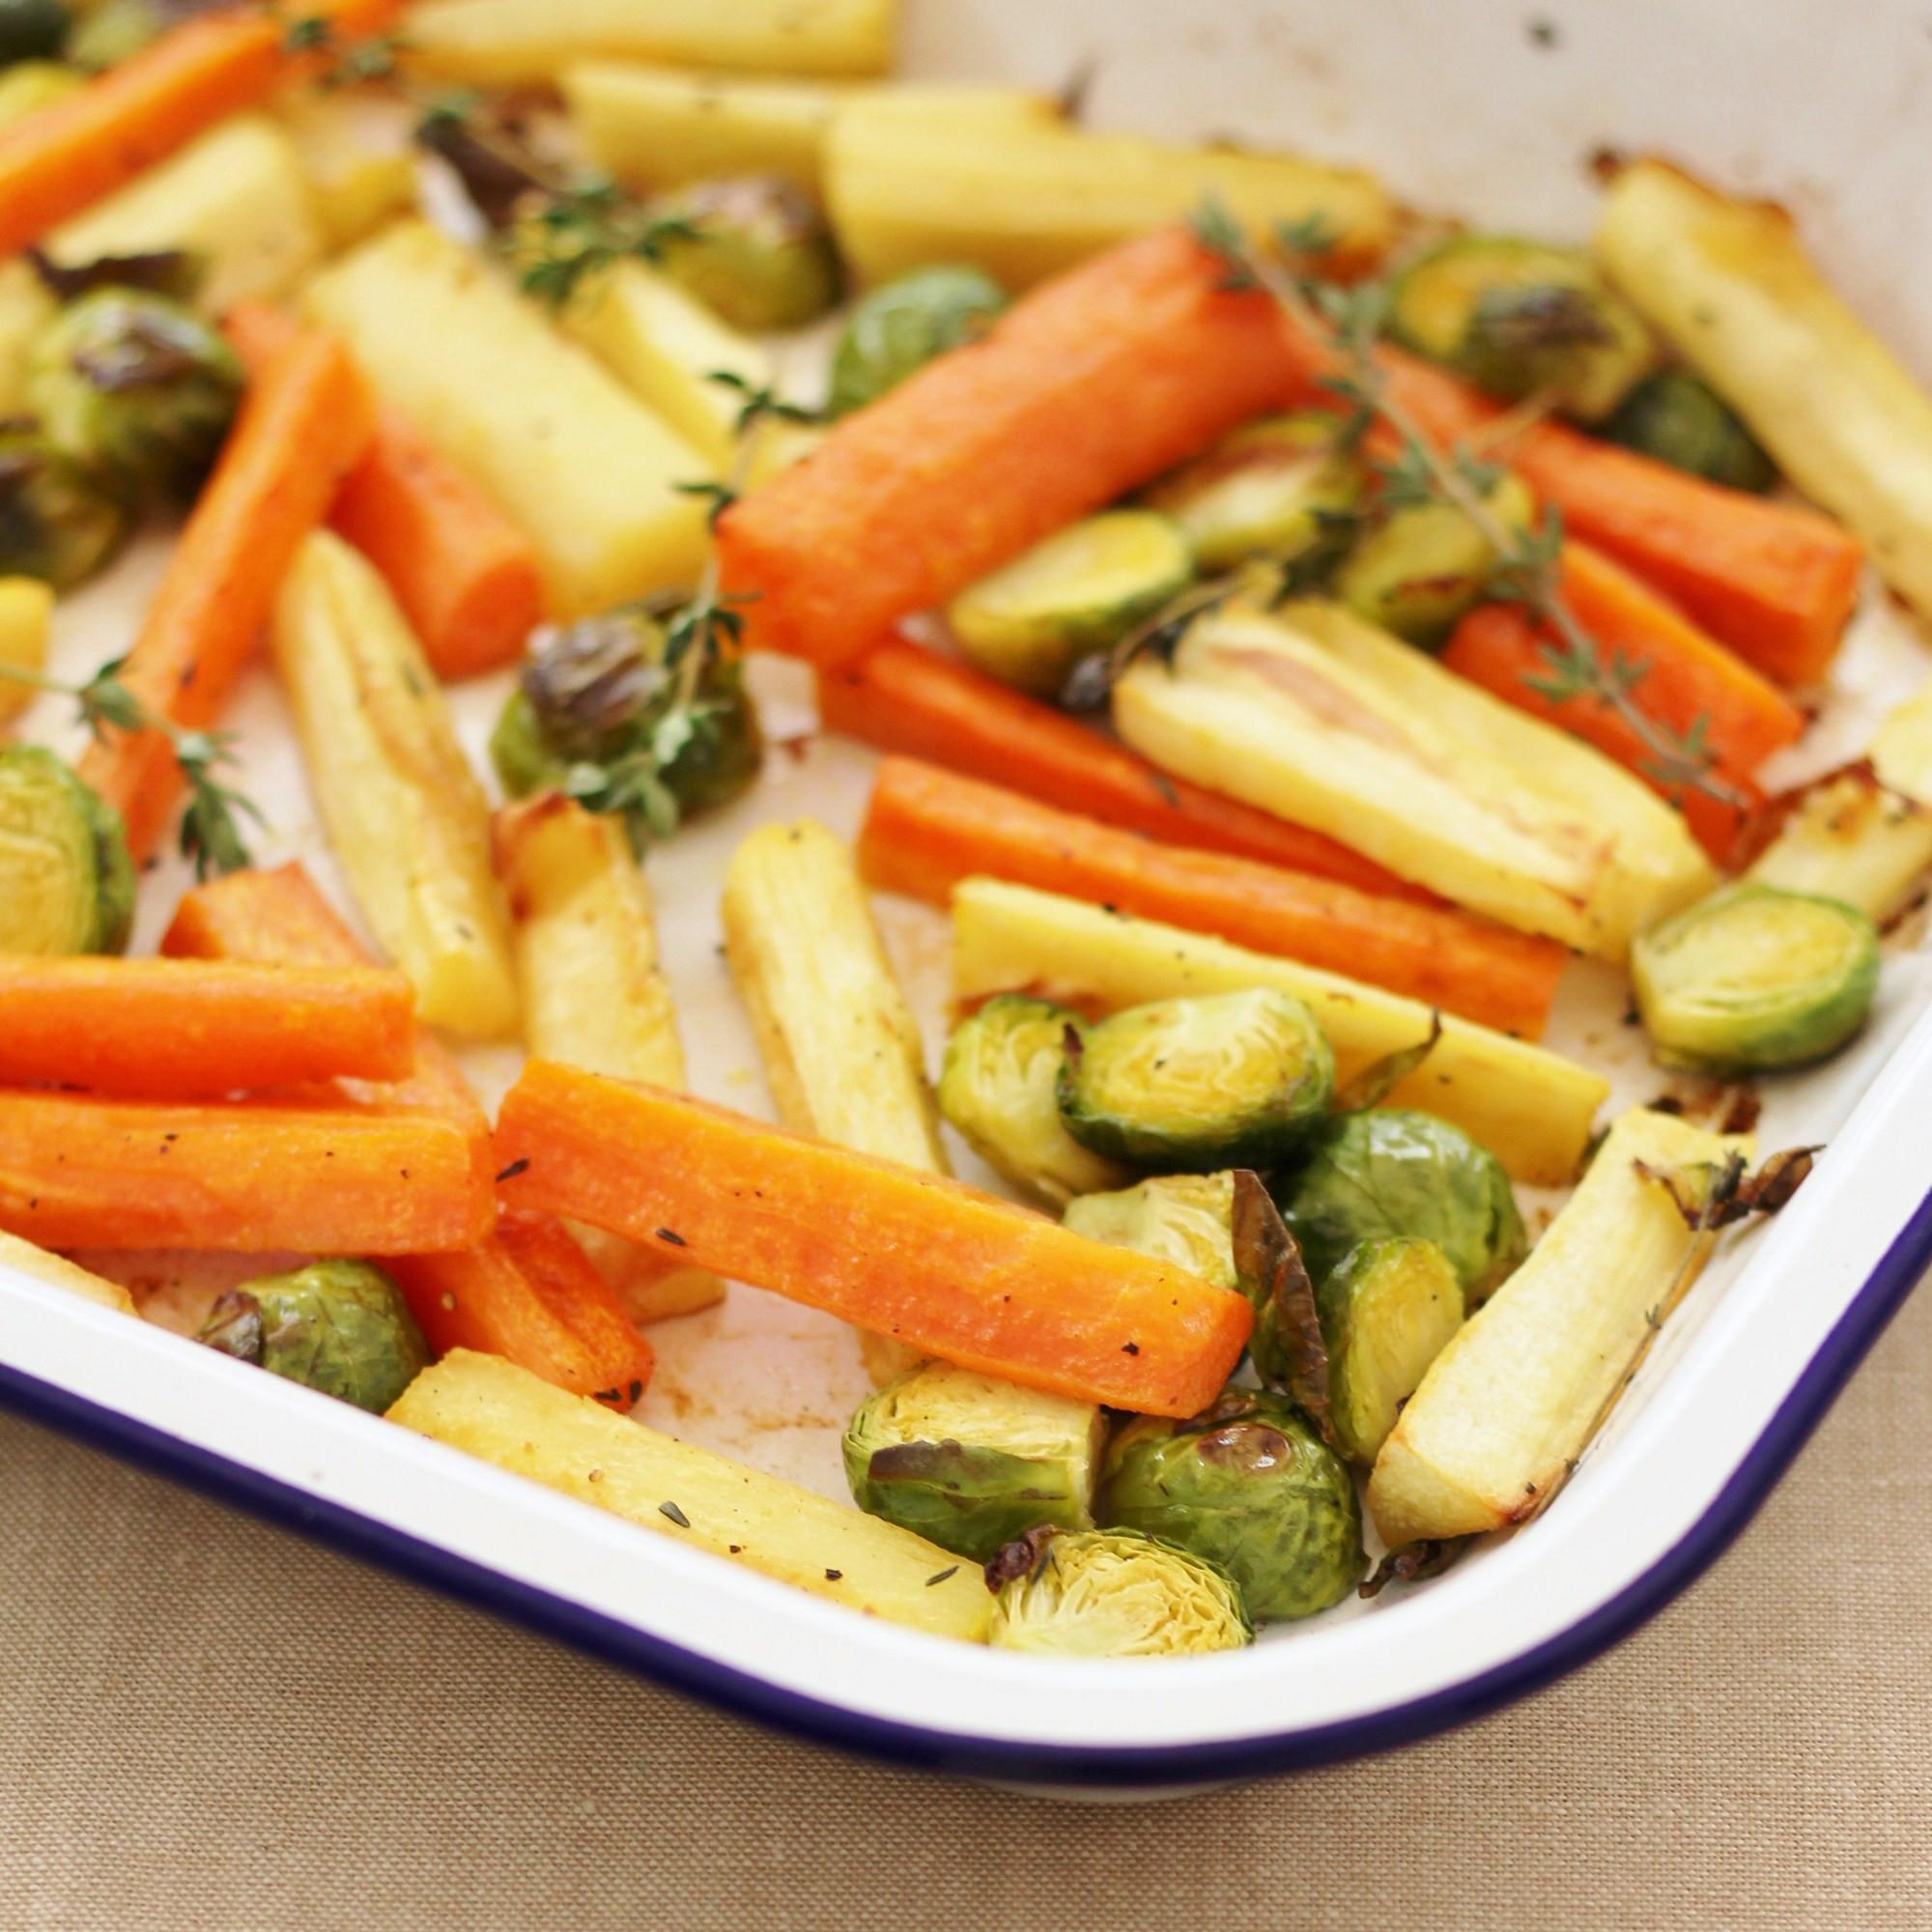 Christmas Dinner Vegetables  The Ultimate Easy Peasy Christmas Dinner Easy Peasy Foo